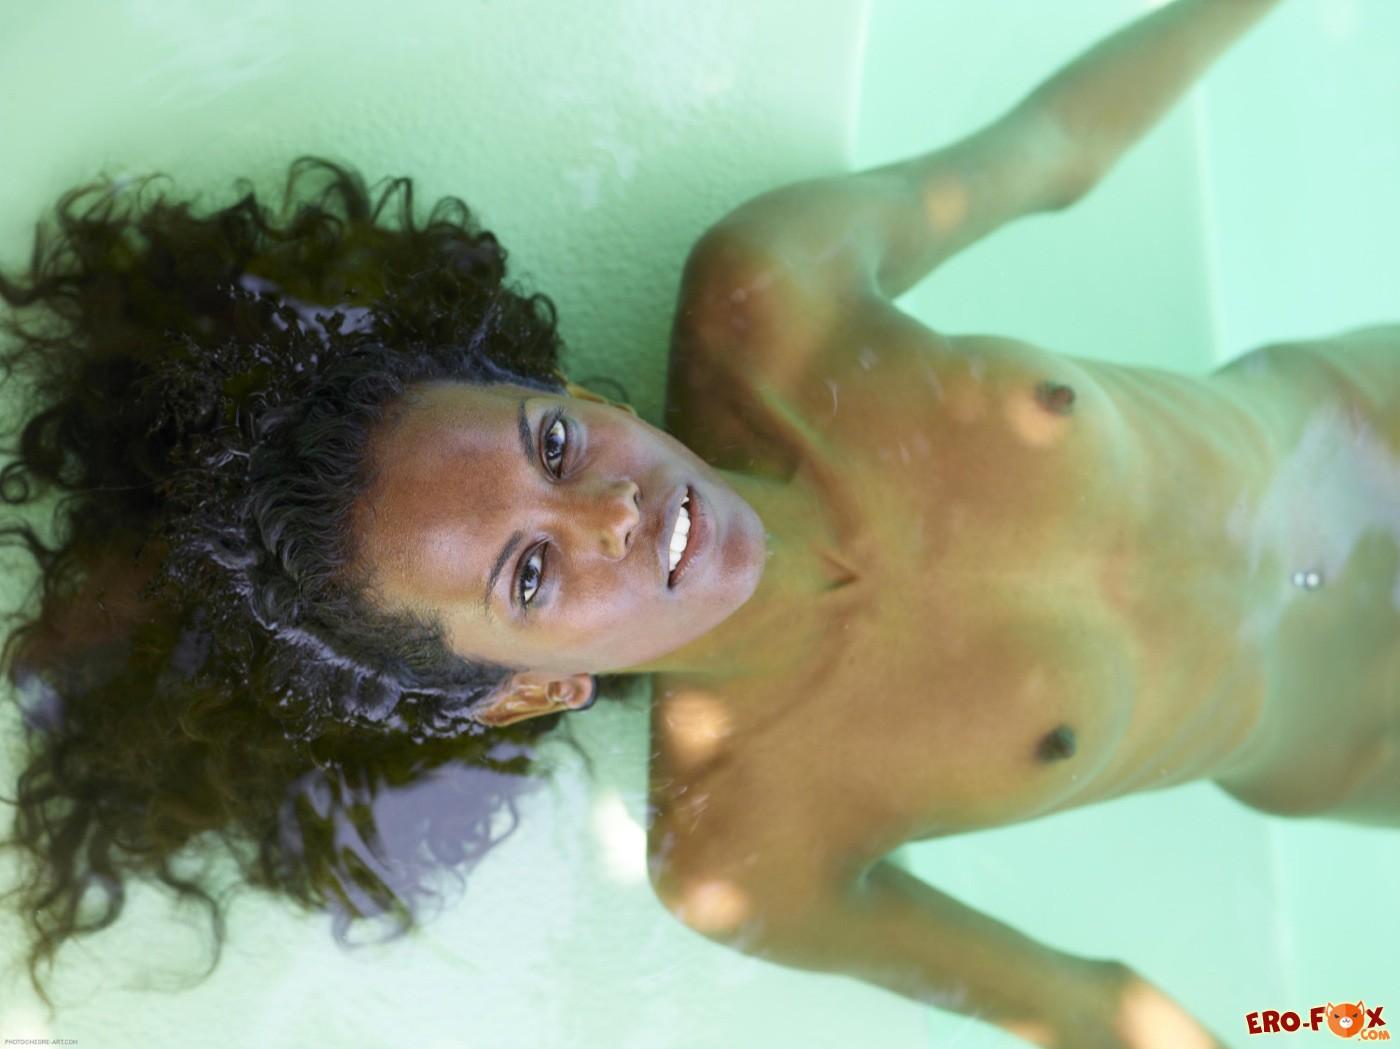 Тощая негритянка голая купается в бассейне - фото